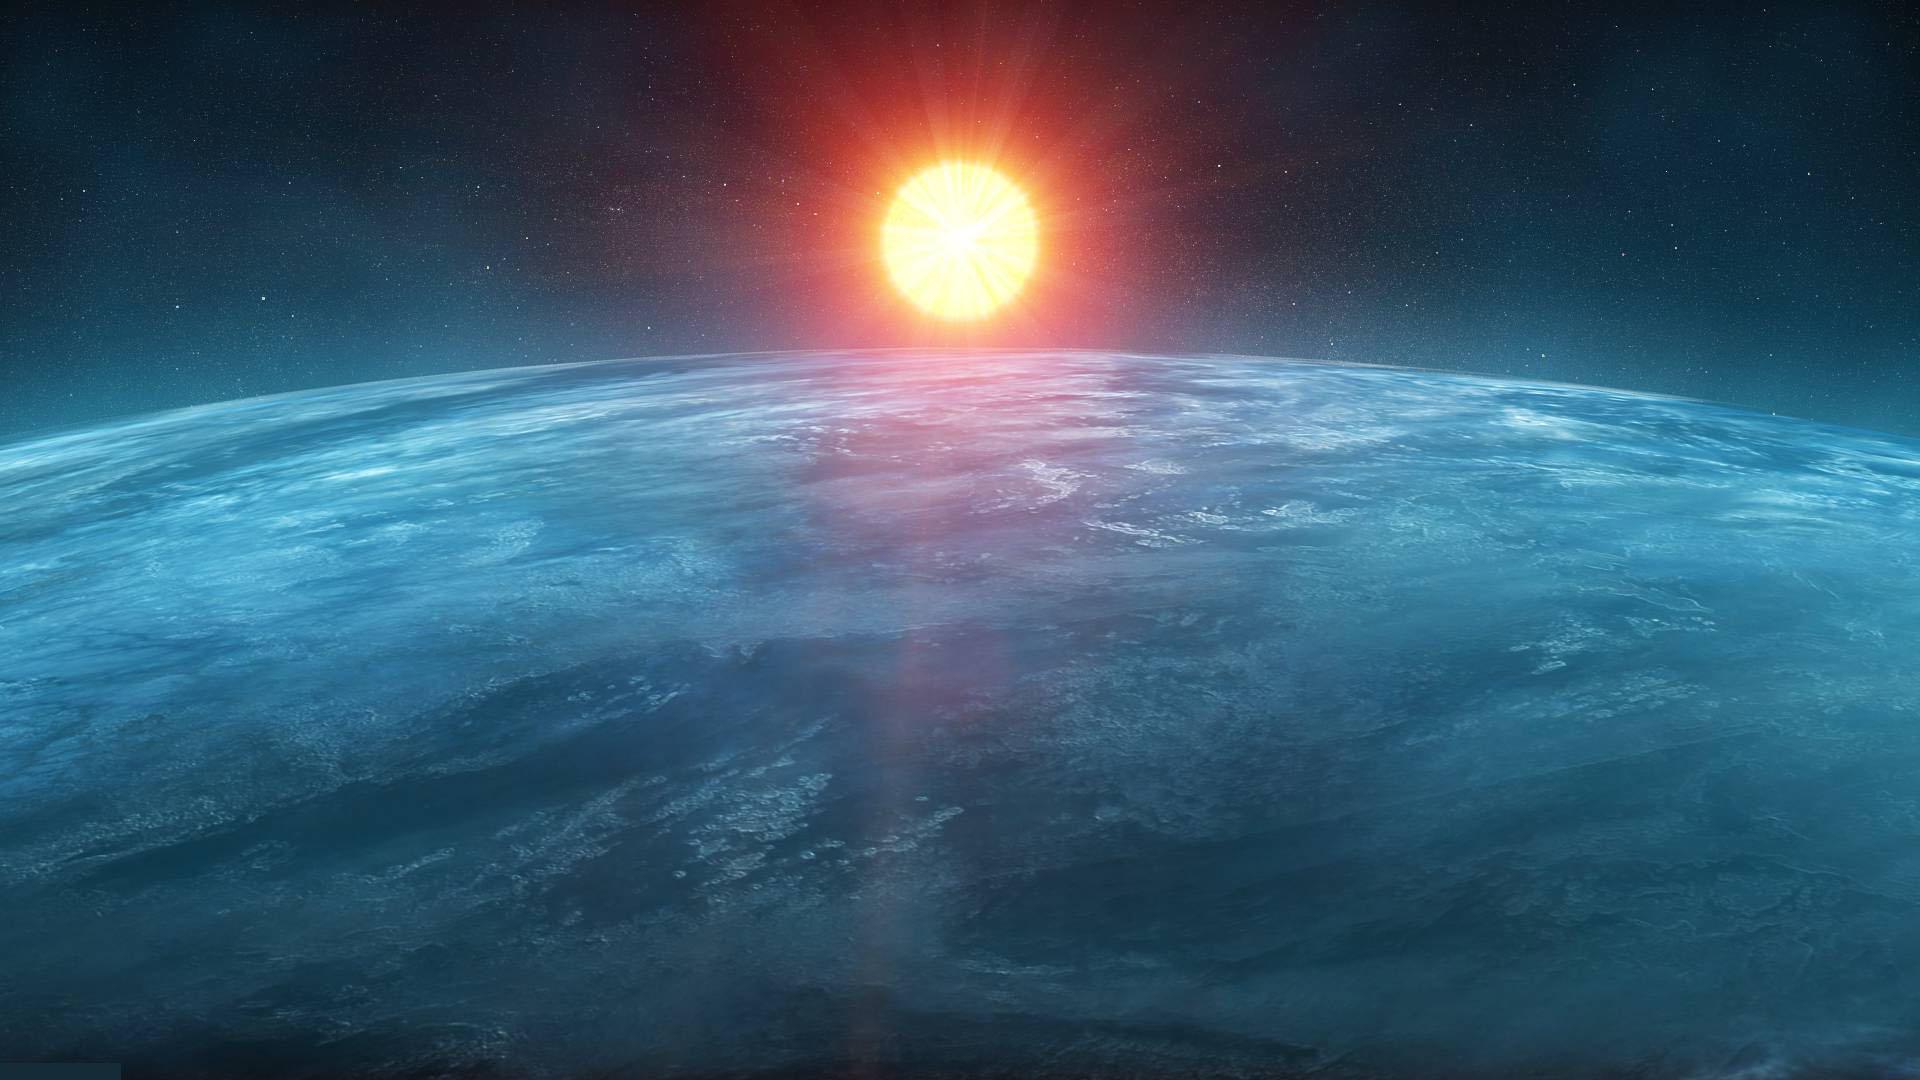 Картинки космоса красивые на рабочий стол бесплатно